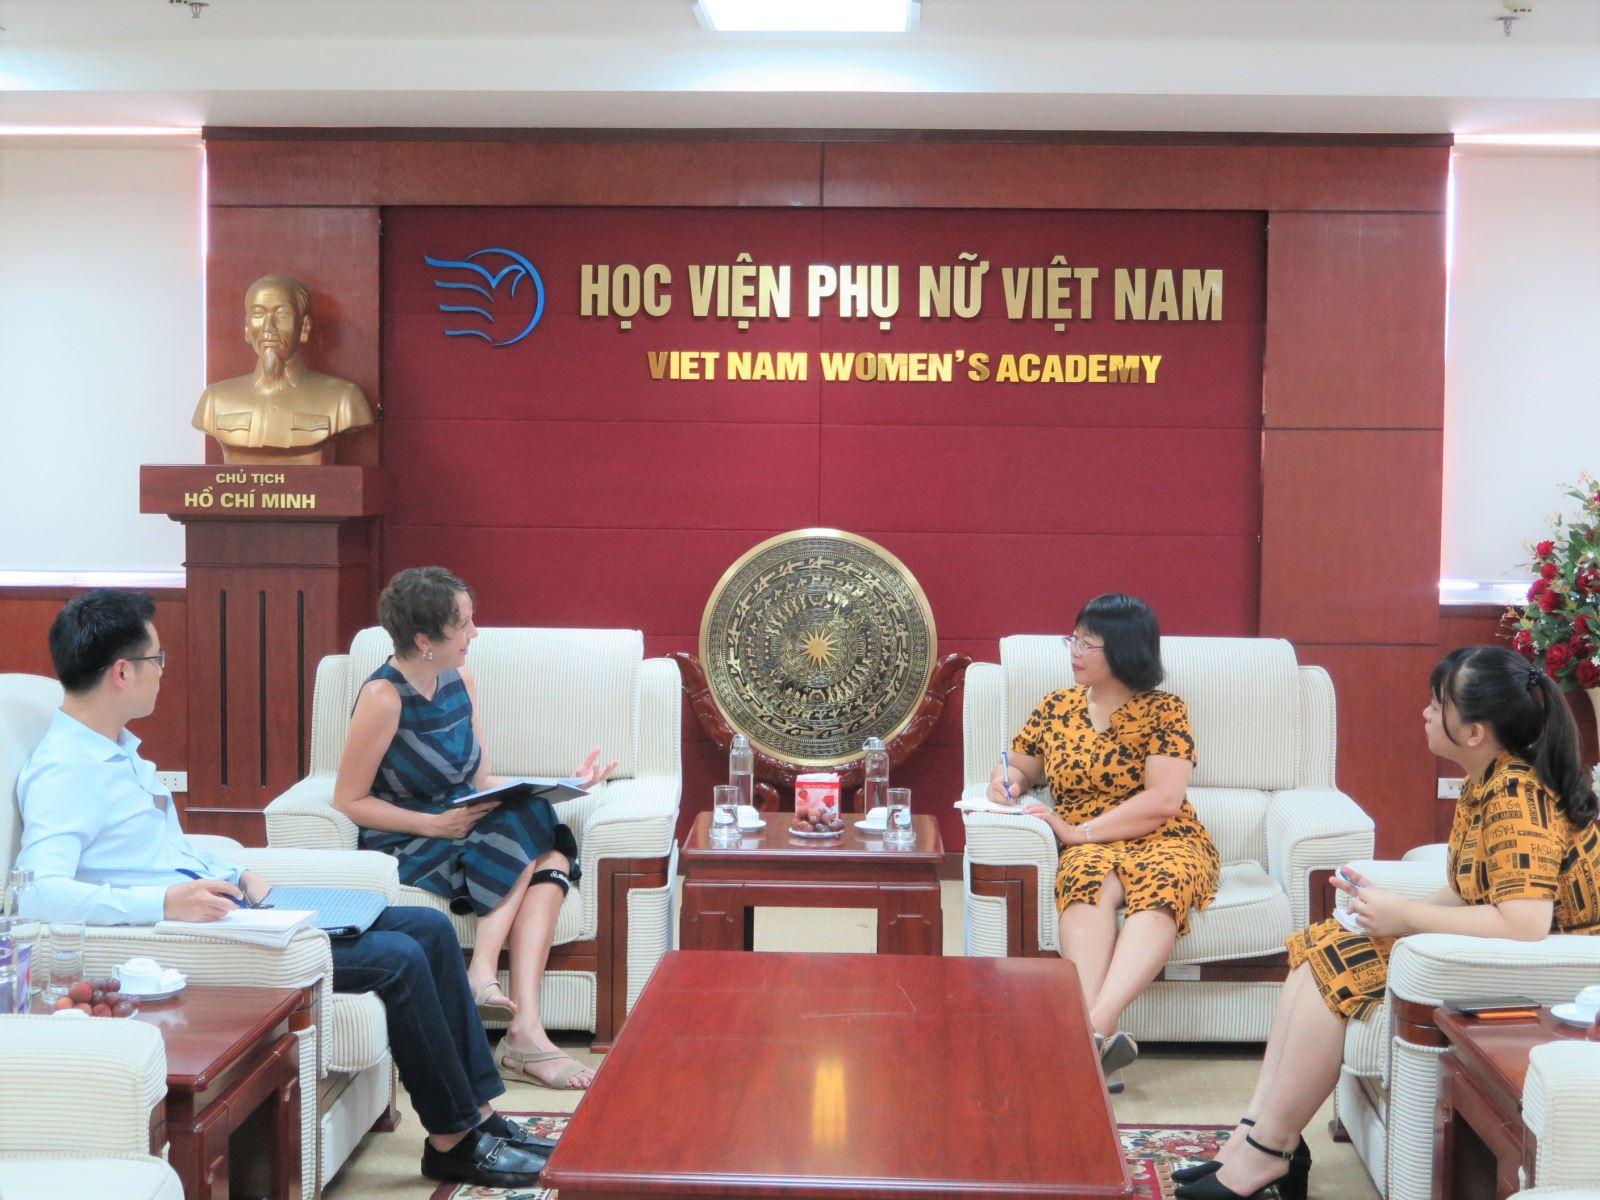 Học viện Phụ nữ Việt Nam làm việc với đại diện Chương trình Quốc gia Solidarity Center, AFL - CIO